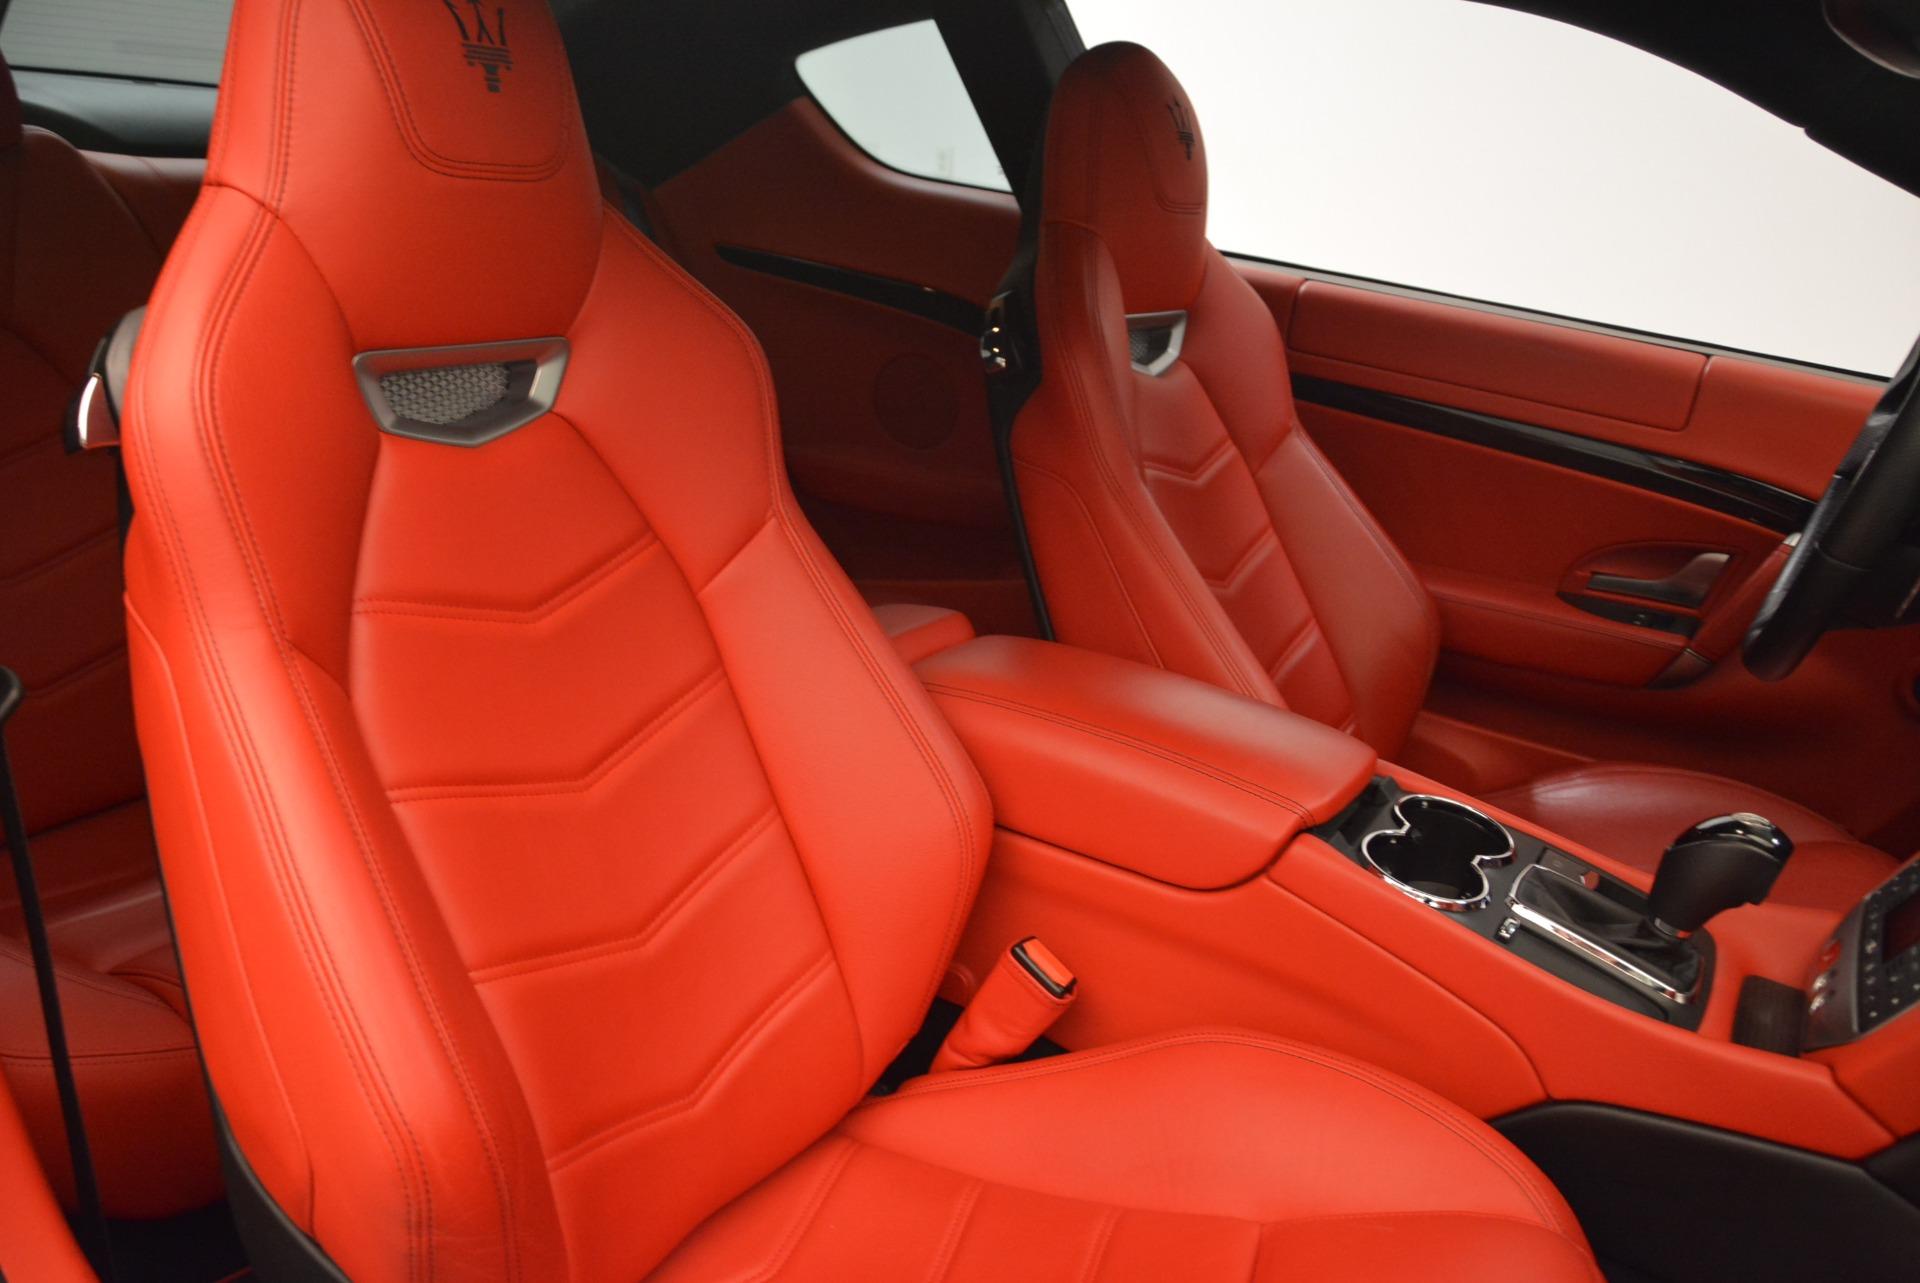 Used 2014 Maserati GranTurismo Sport For Sale In Greenwich, CT 2131_p19